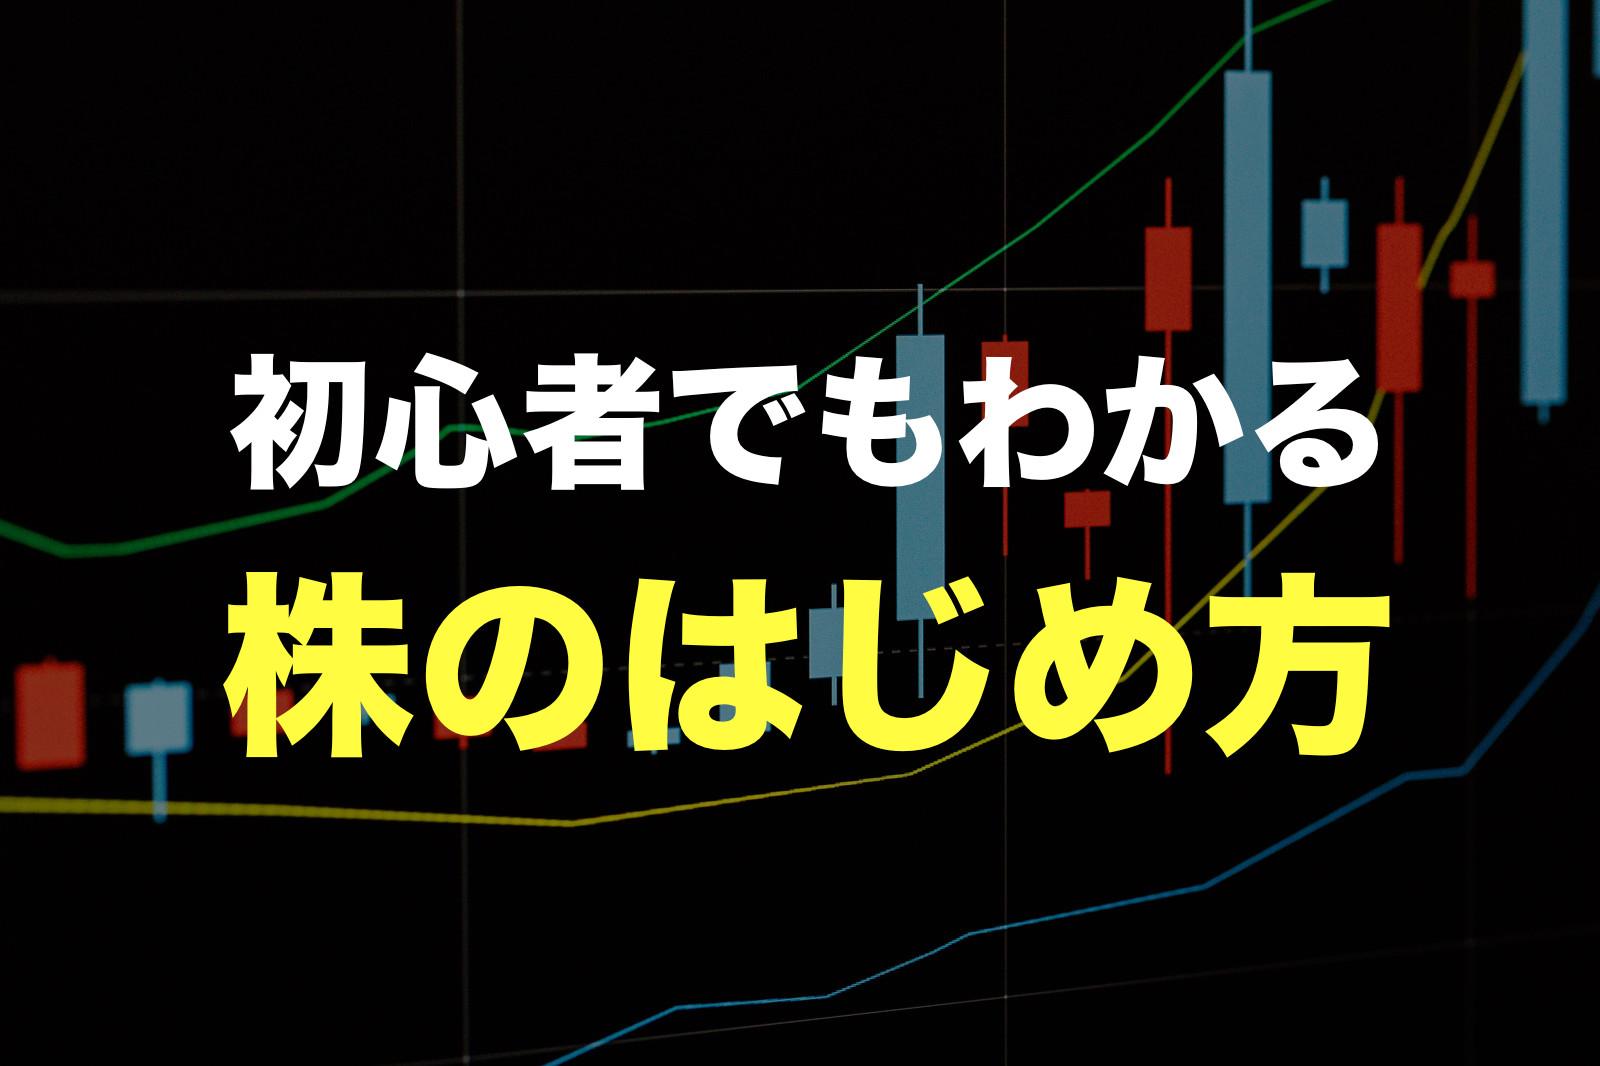 株式投資入門! 初心者から始める株のやり方。初めての人におすすめの買い方、始め方